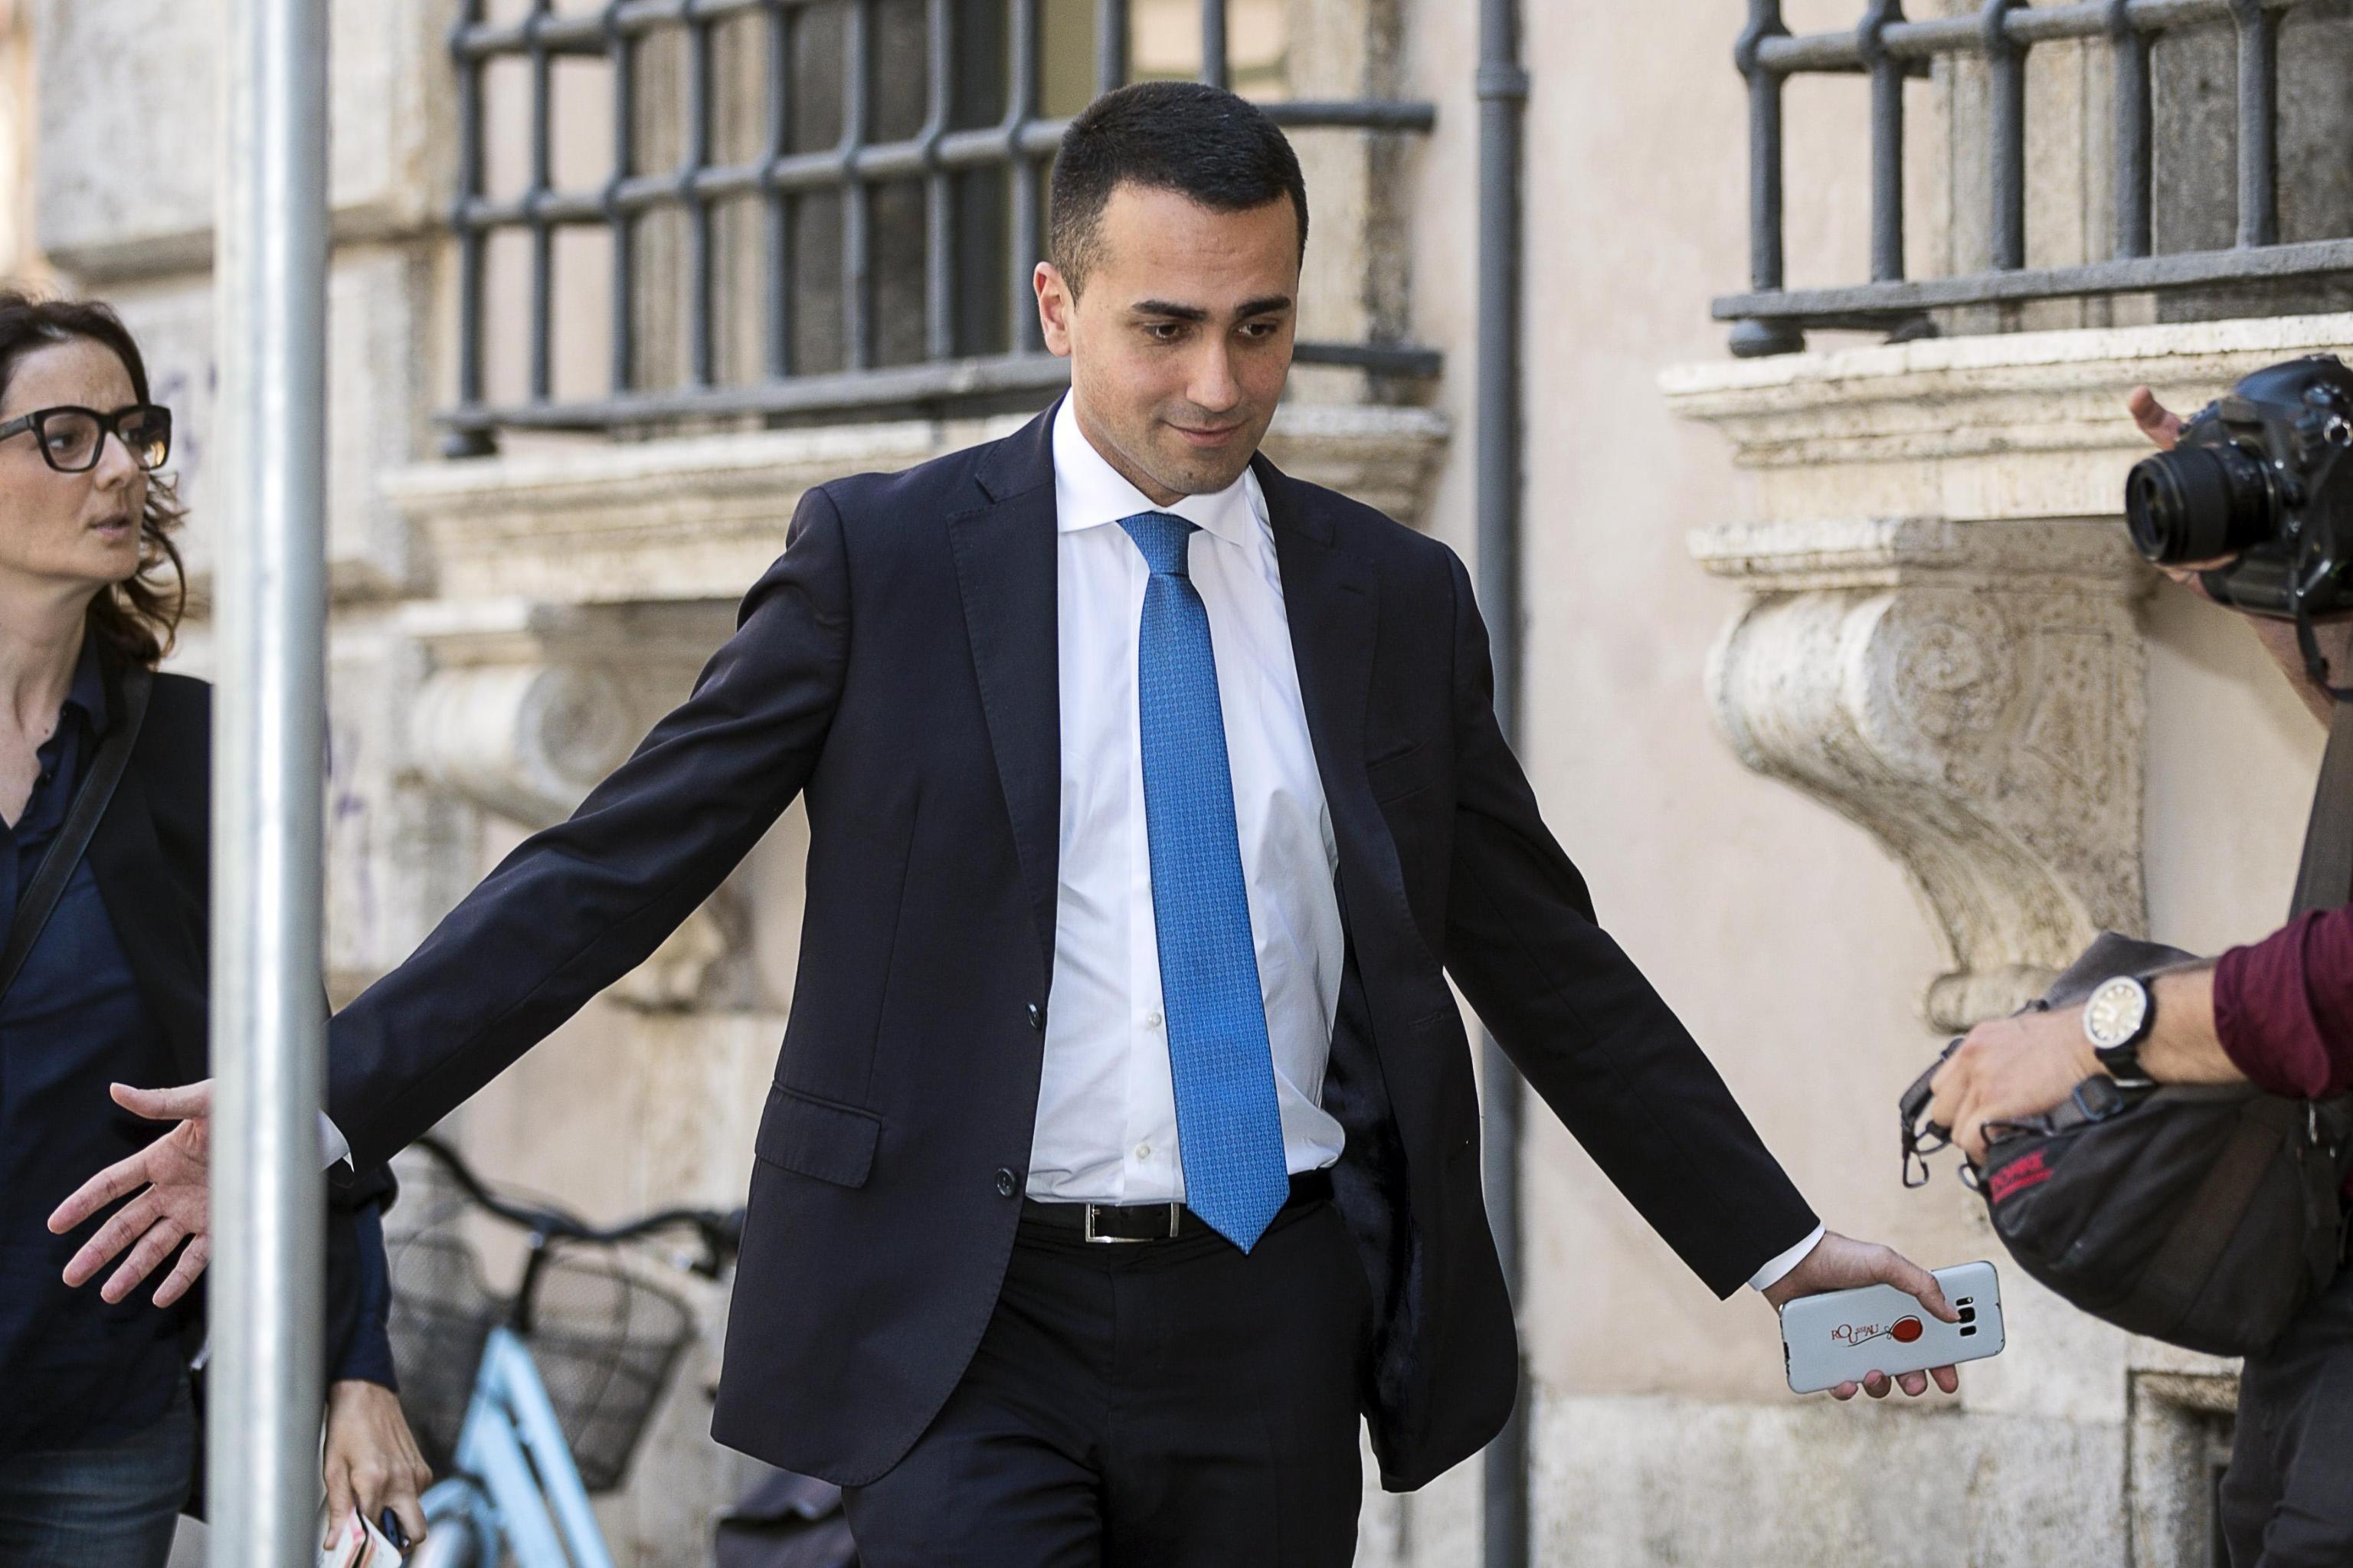 se-politiki-krisi-vythizetai-i-italia-meta-to-veto-matarela7